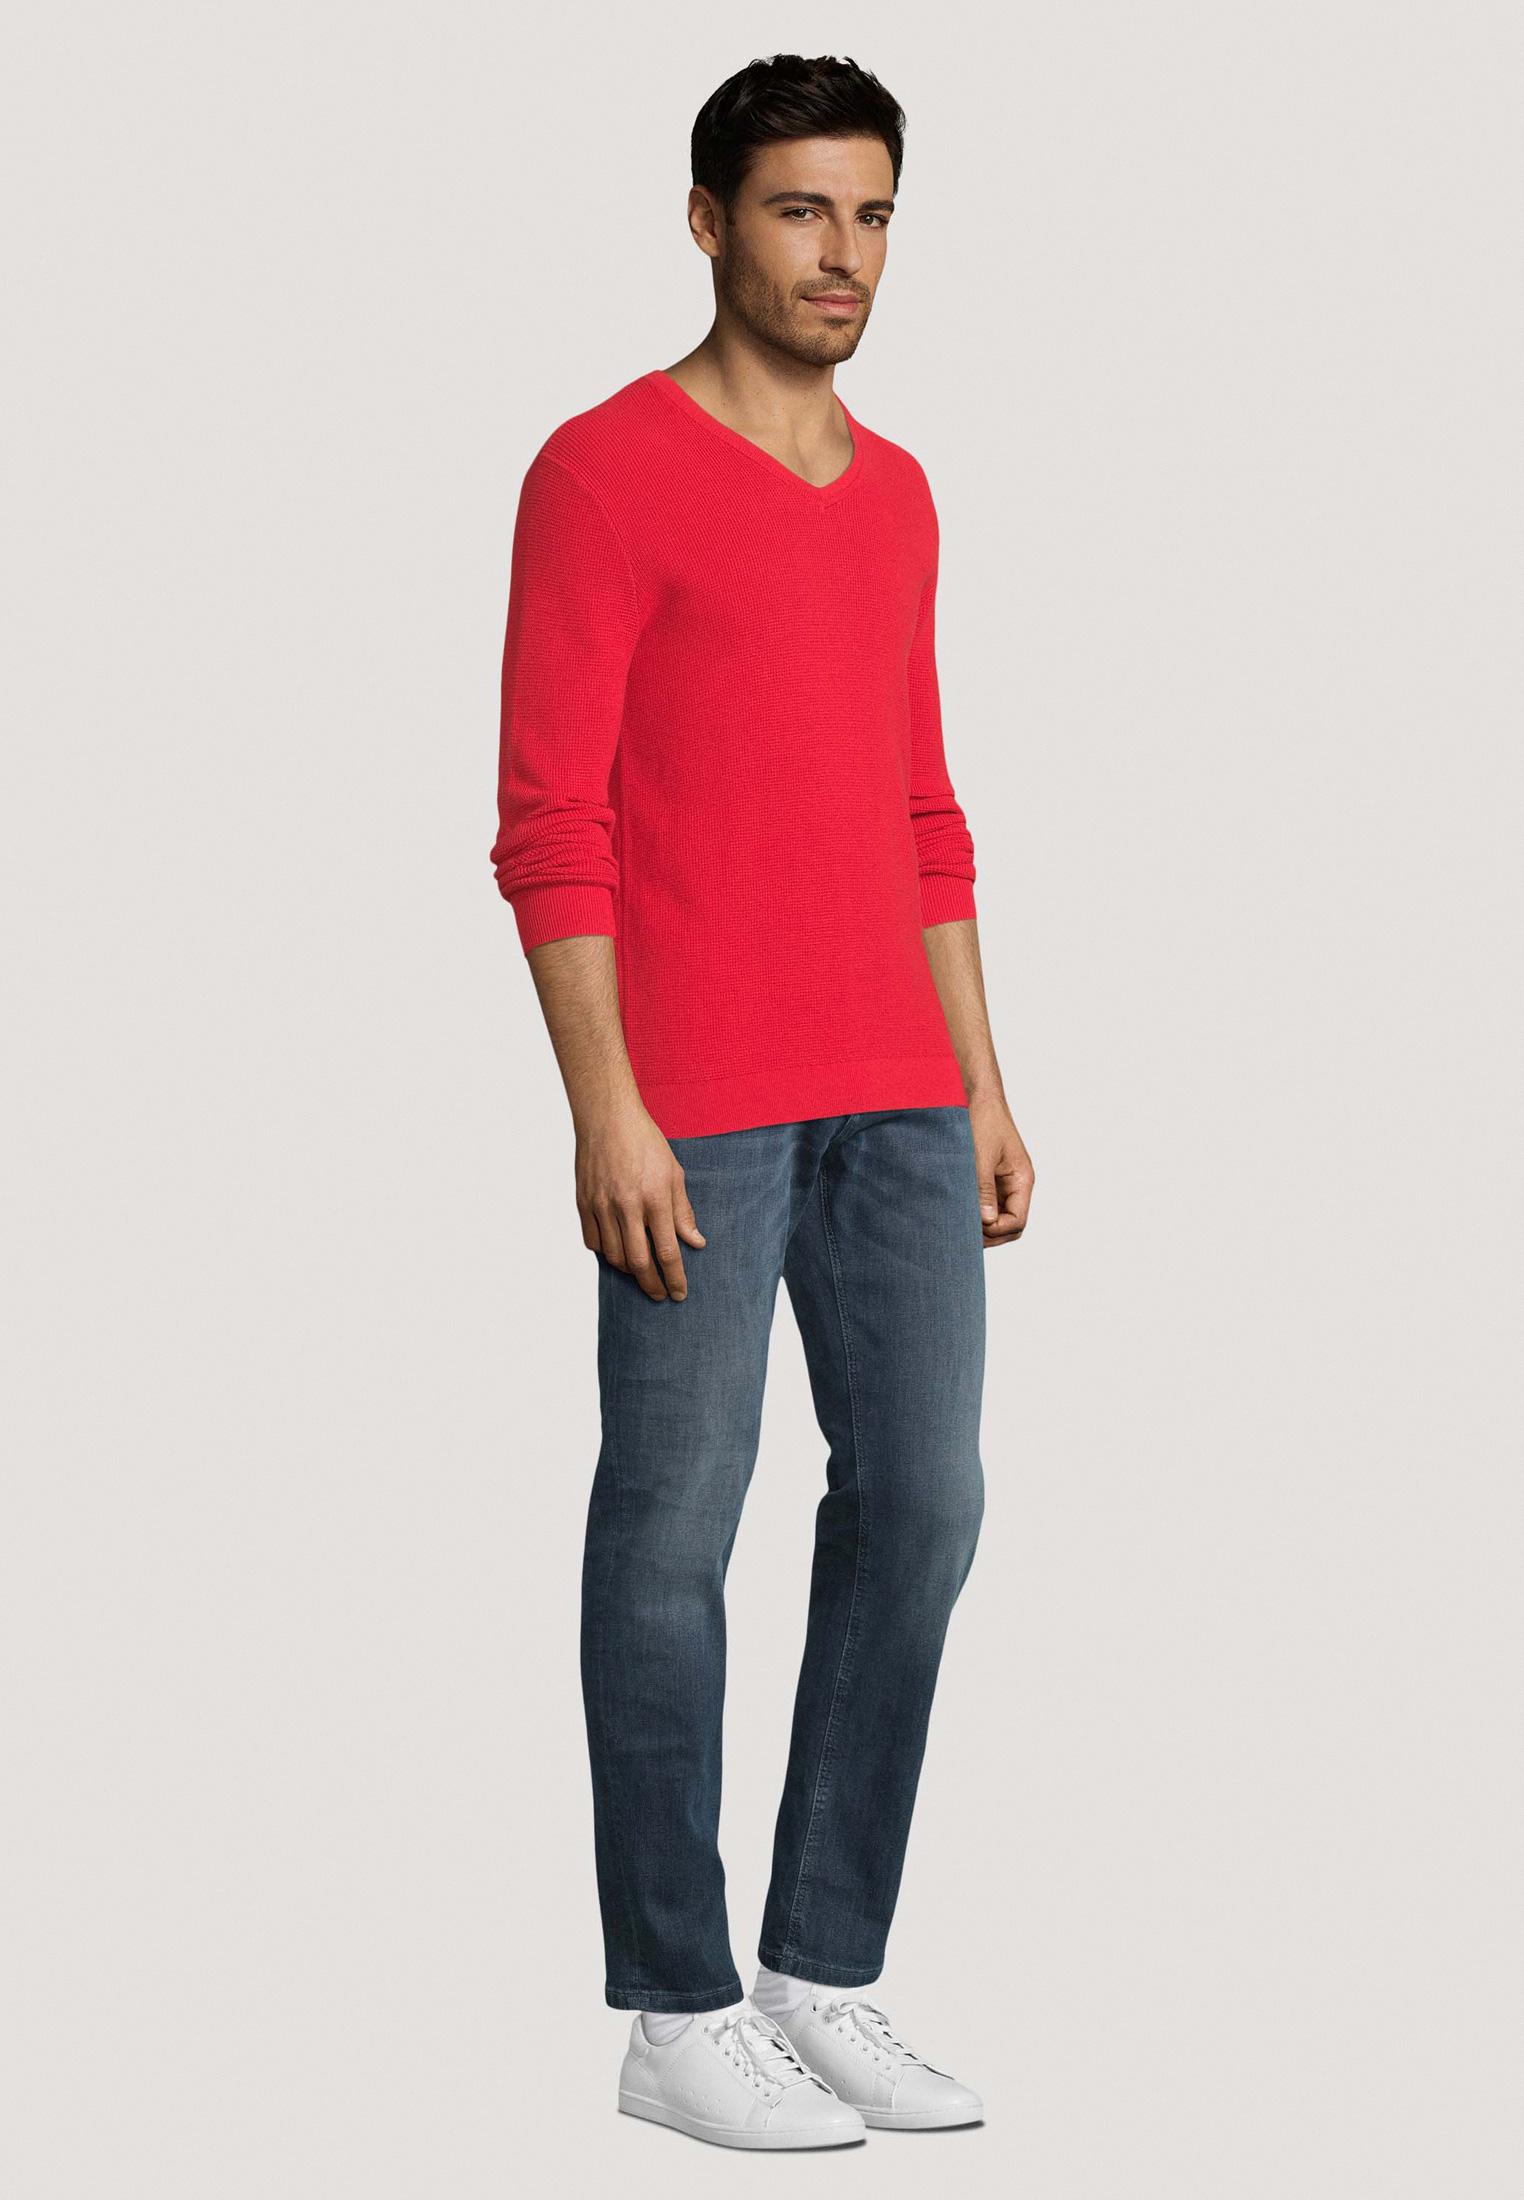 Пуловер Tom Tailor (Том Тейлор) 1023150: изображение 2